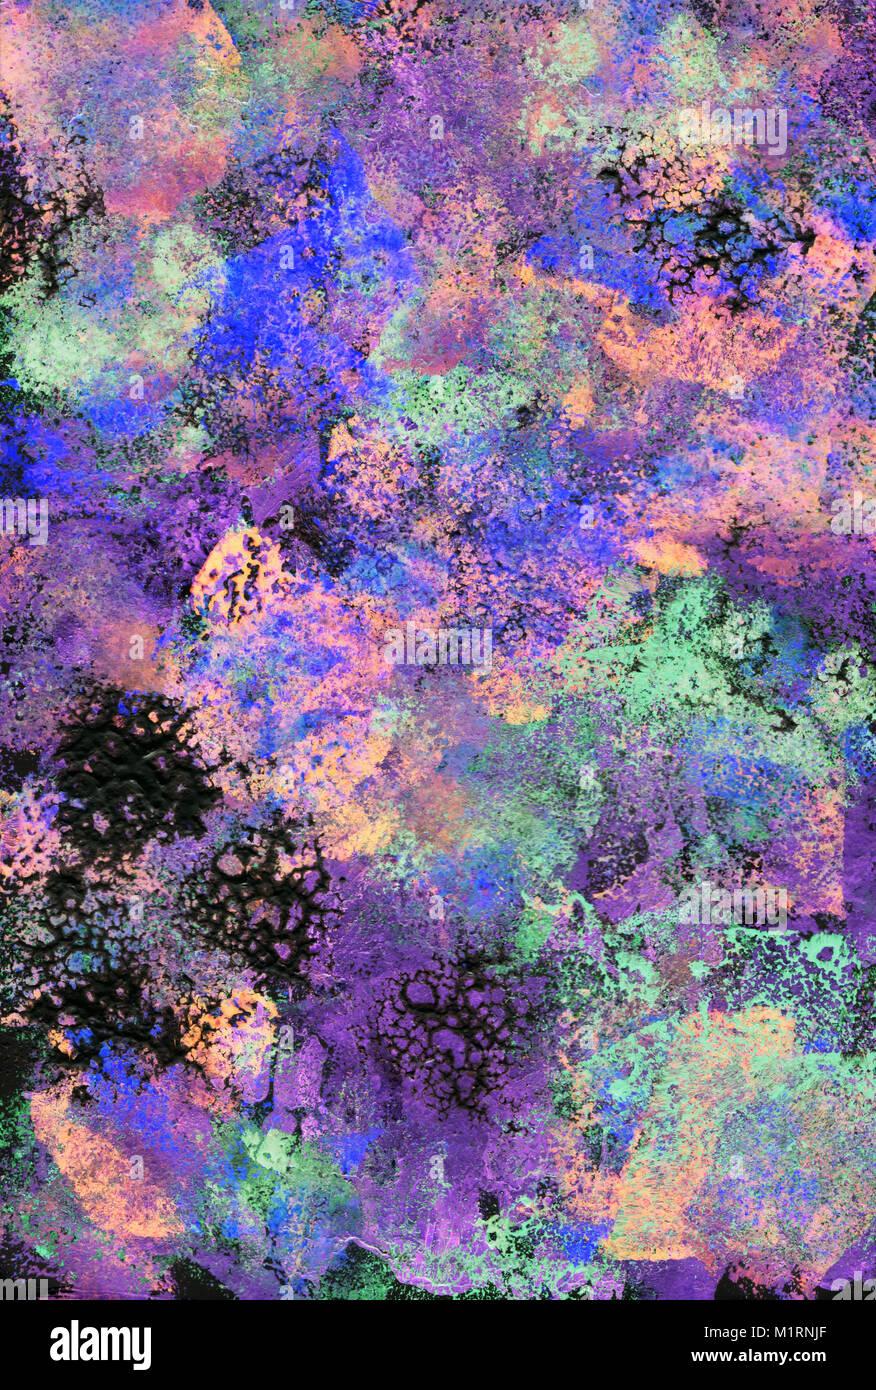 Noir, Violet et Vert daubs texturé de peinture acrylique, abstract ...